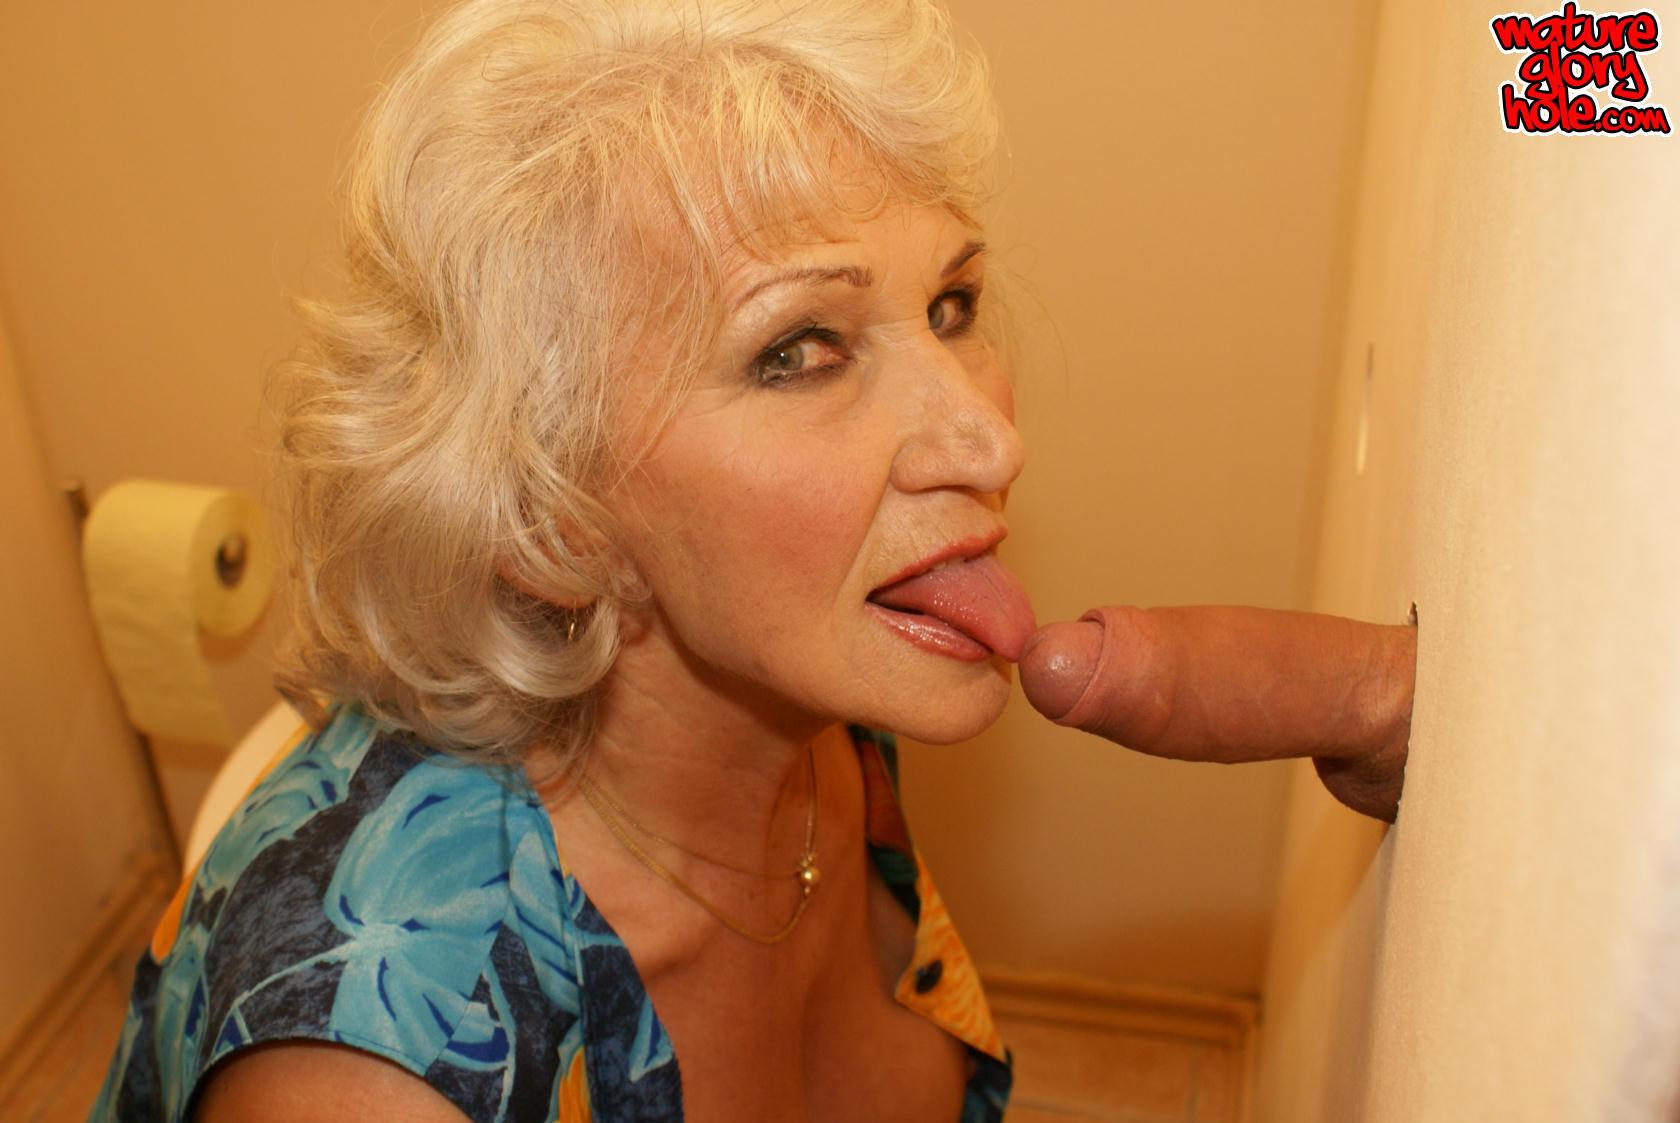 Glory hole mature granny